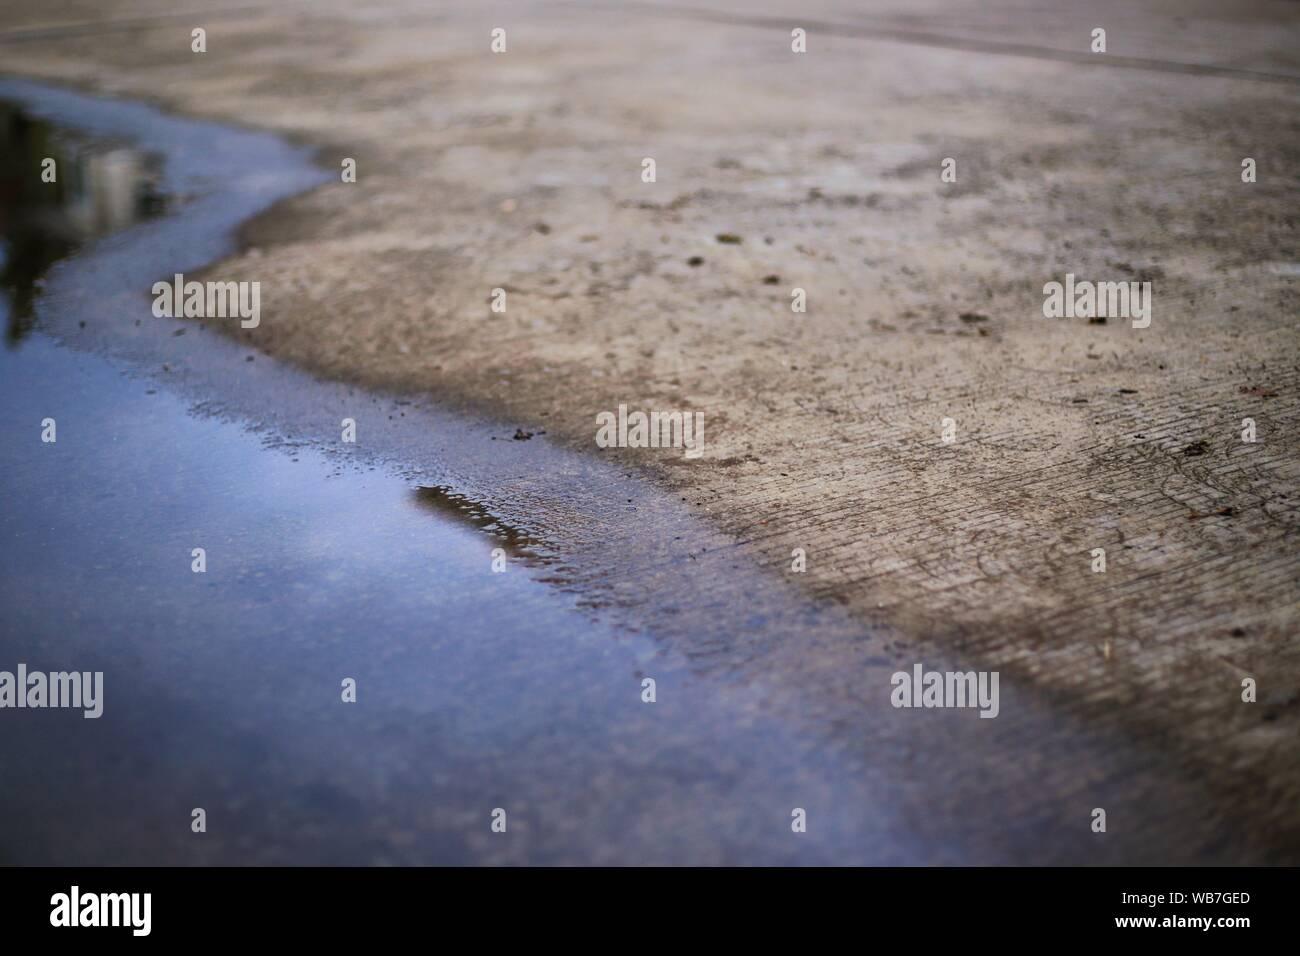 Konkrete Straße und Überschwemmung Wasser. schlechte Kanalisation Pfütze von Wasser überflutet regen Sturm auf der Straße Fläche links Stockfoto